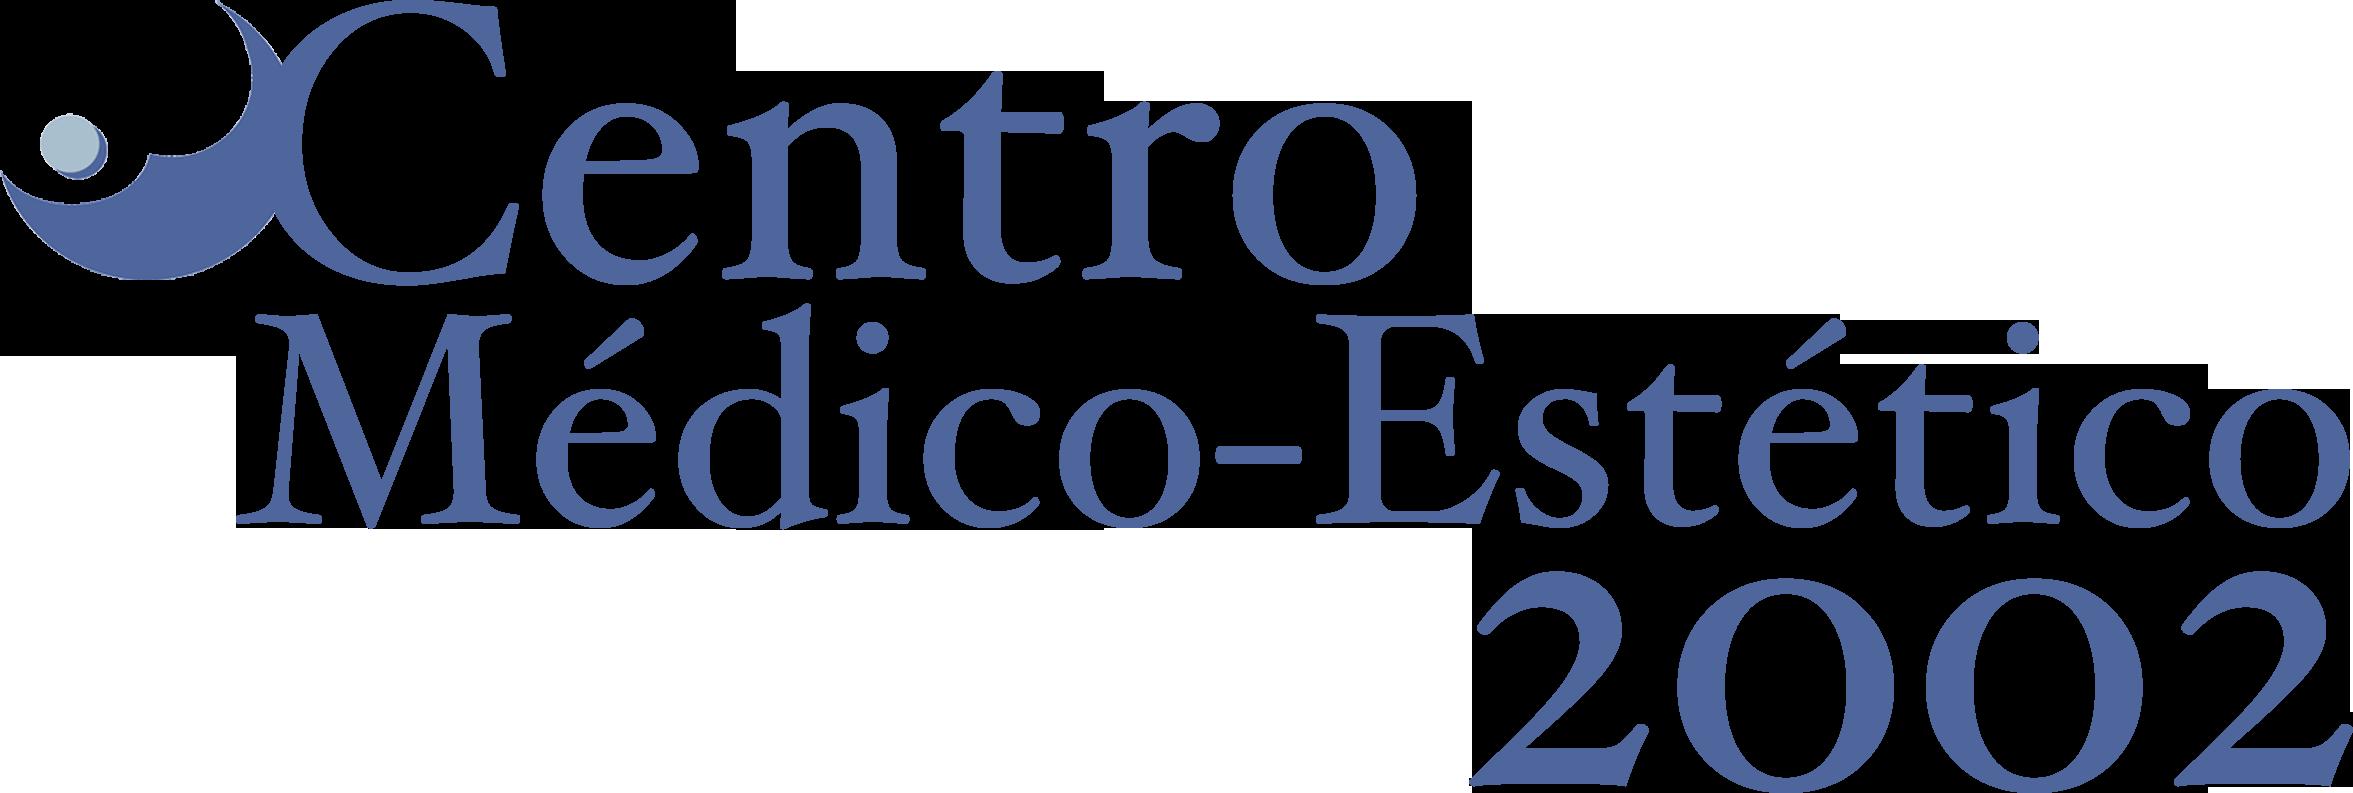 Centro estético 2002 en Málaga